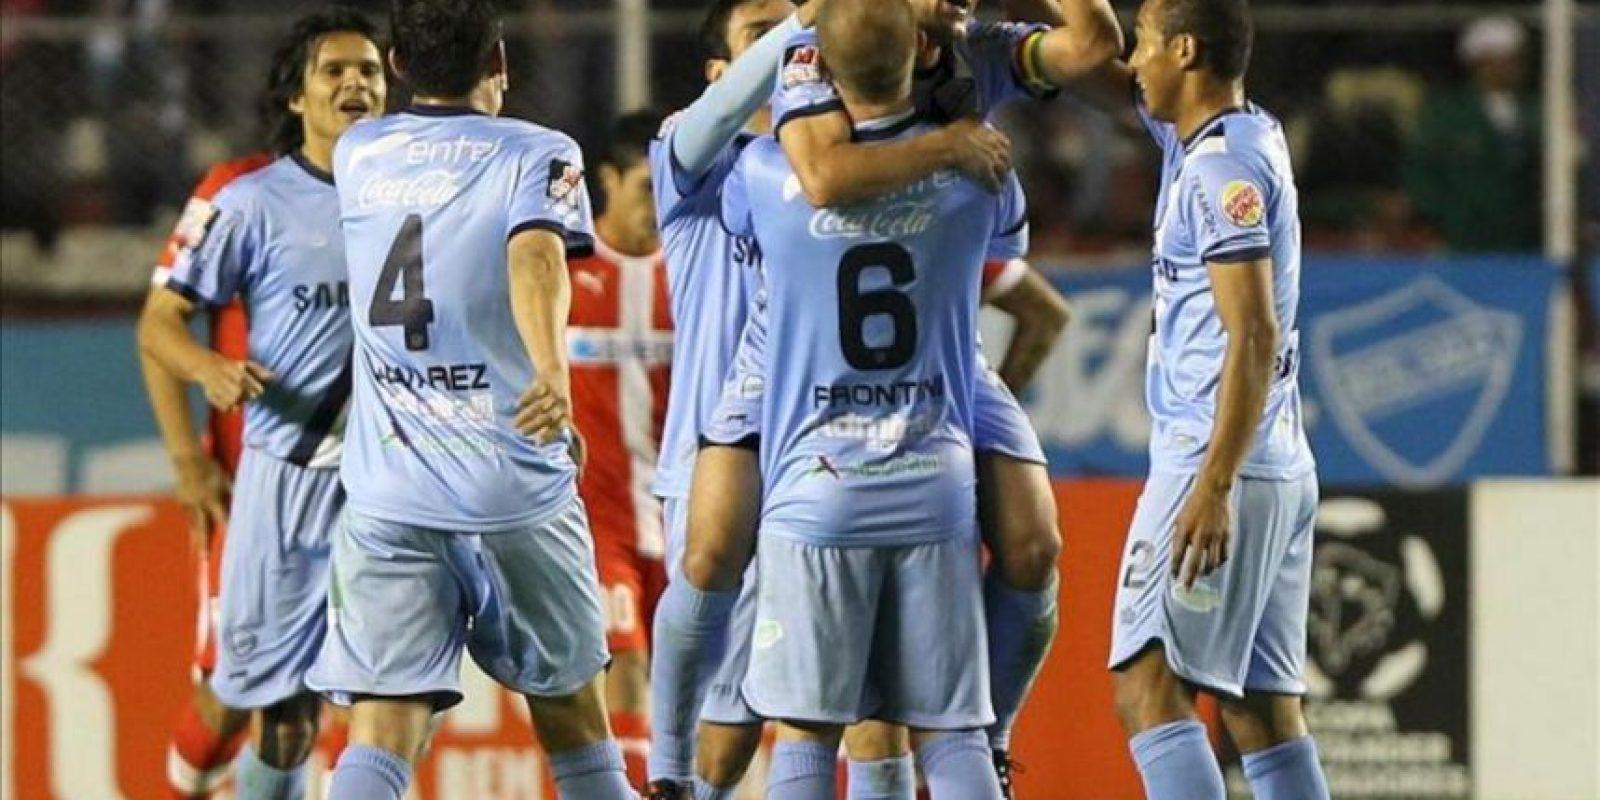 El jugador Walter Flores (c) Bolívar celebra con sus compañeros su anotación contra la Universidad Católica durante el partido de la Copa Libertadores de América disputado en el estadio Hernando Siles de La Paz (Bolivia). EFE